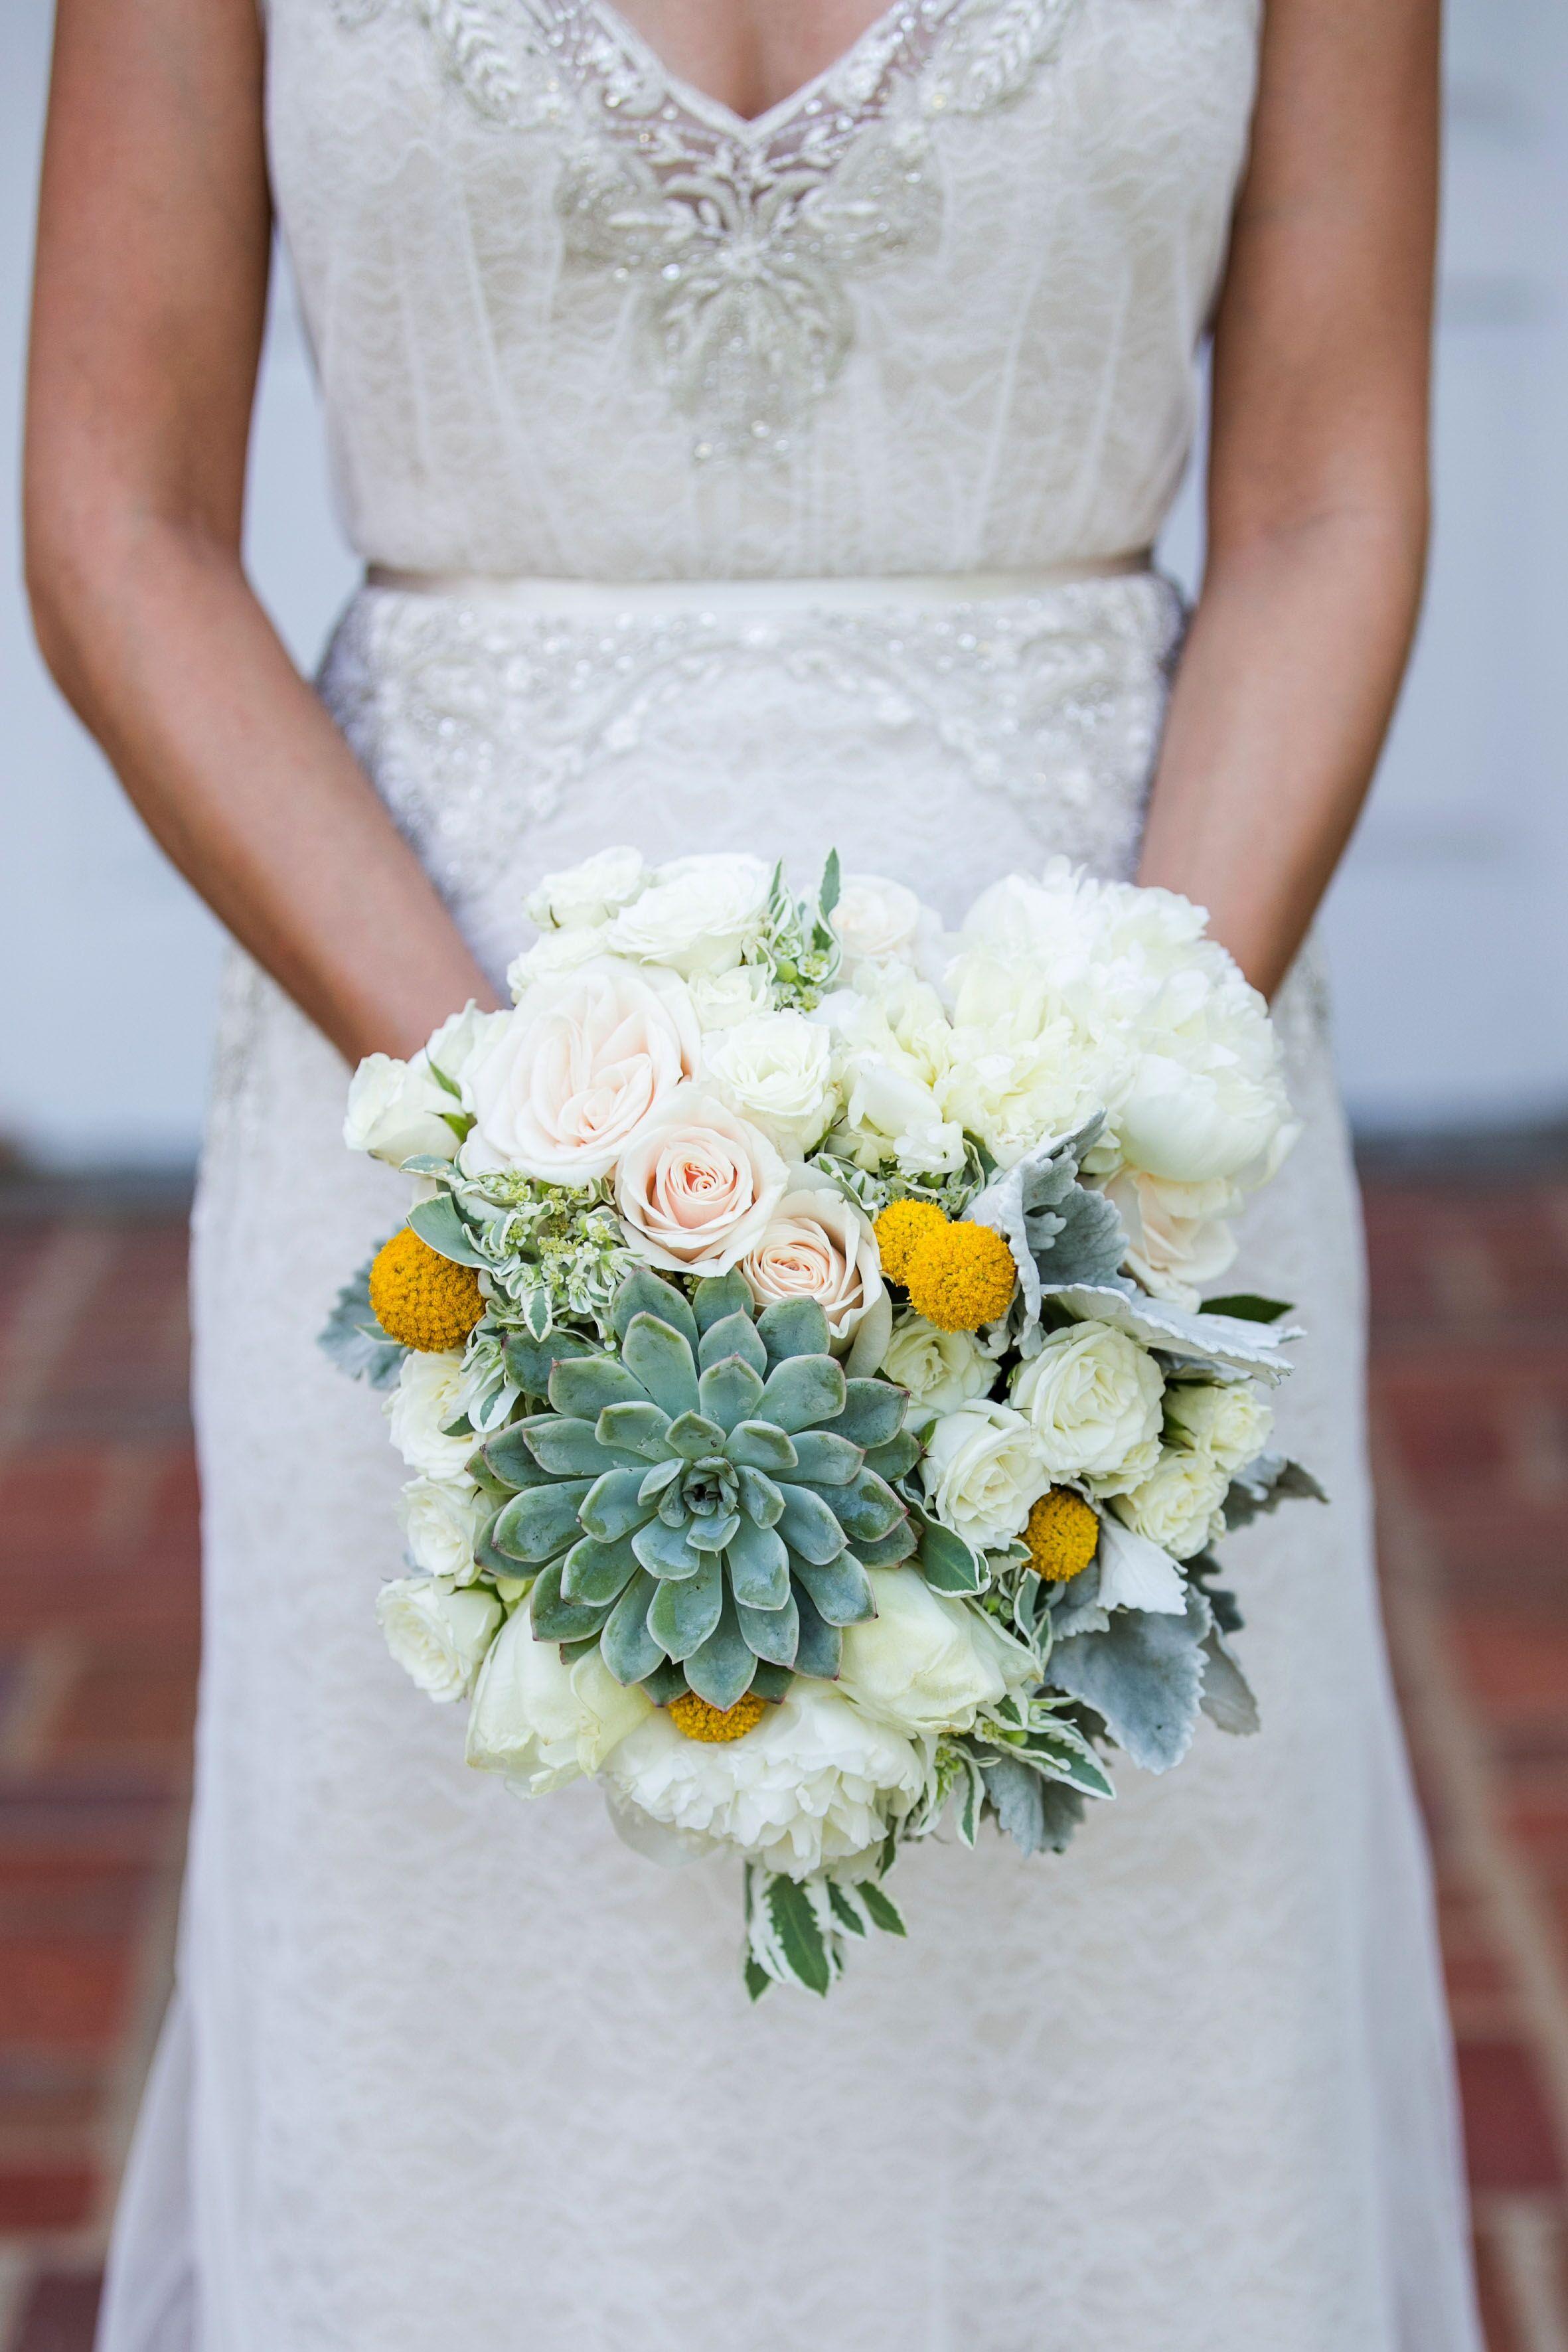 White Rose Succulent And Craspedia Bouquet